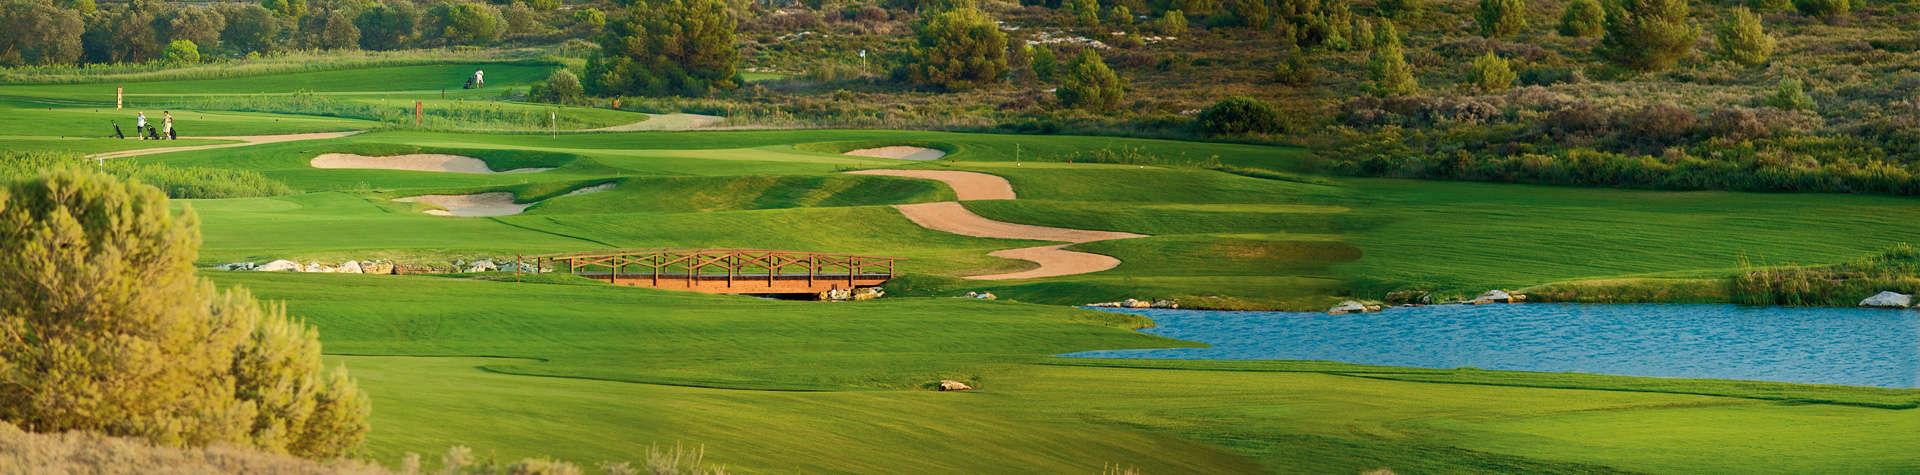 Acaya Golf Club il campo